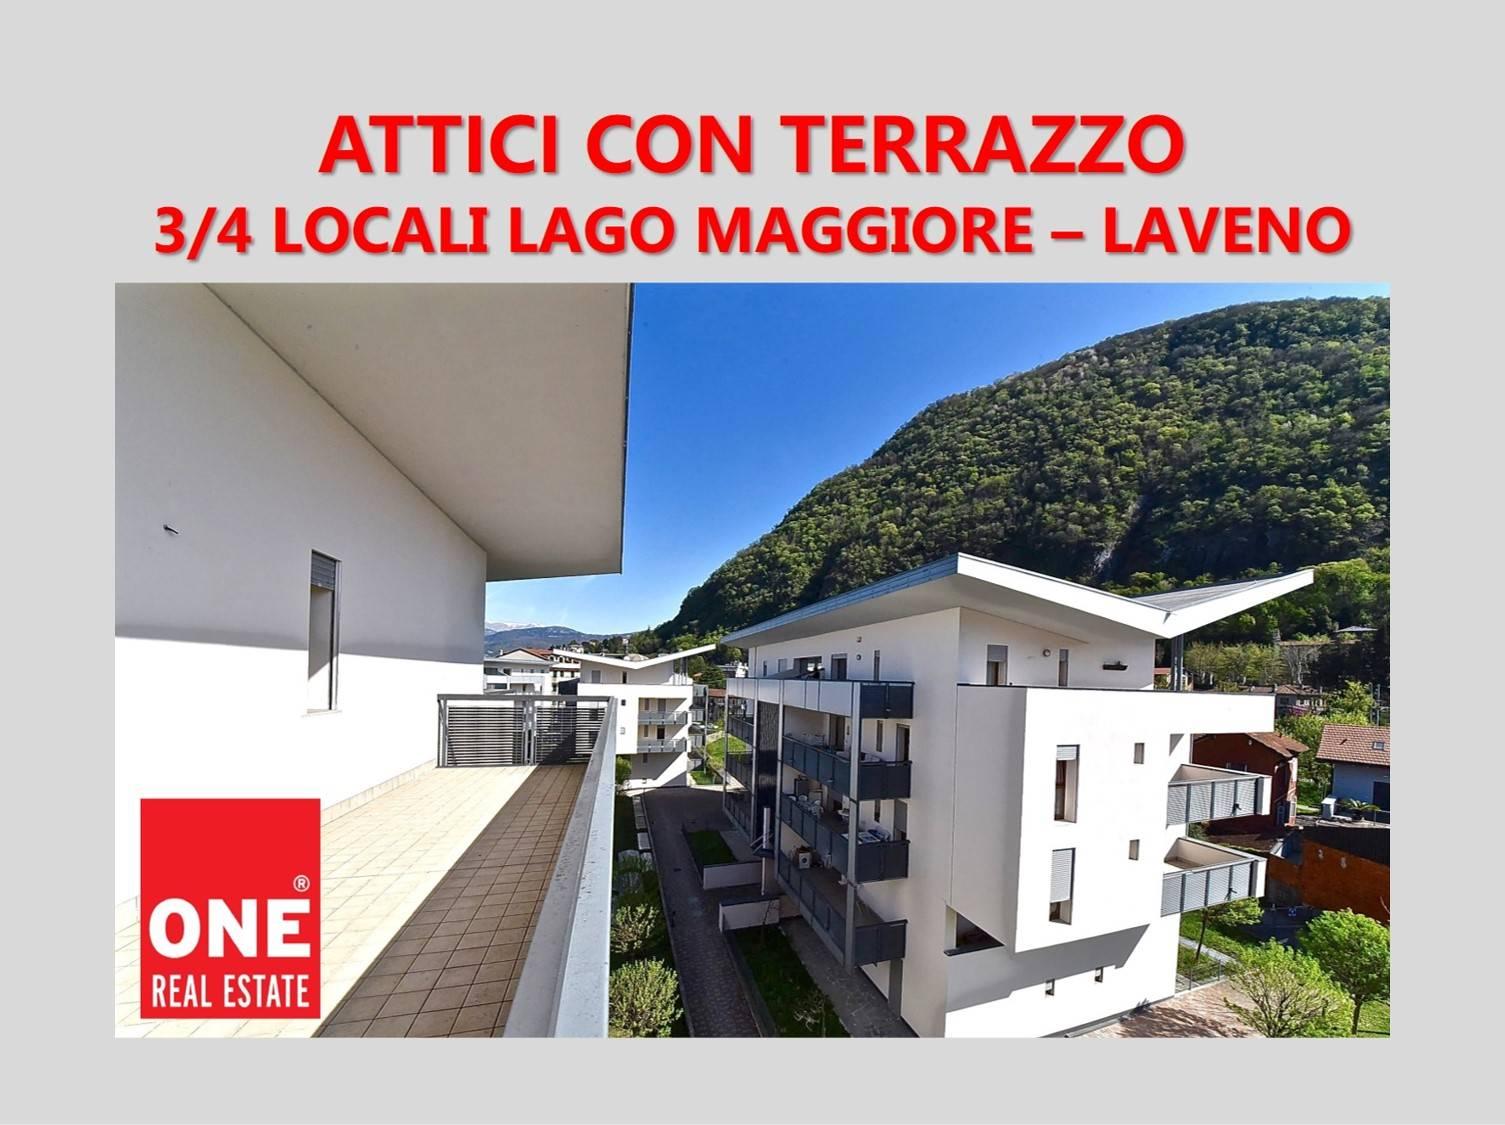 Appartamento in vendita a Laveno-Mombello, 3 locali, zona Località: LAVENO, prezzo € 252.000 | PortaleAgenzieImmobiliari.it